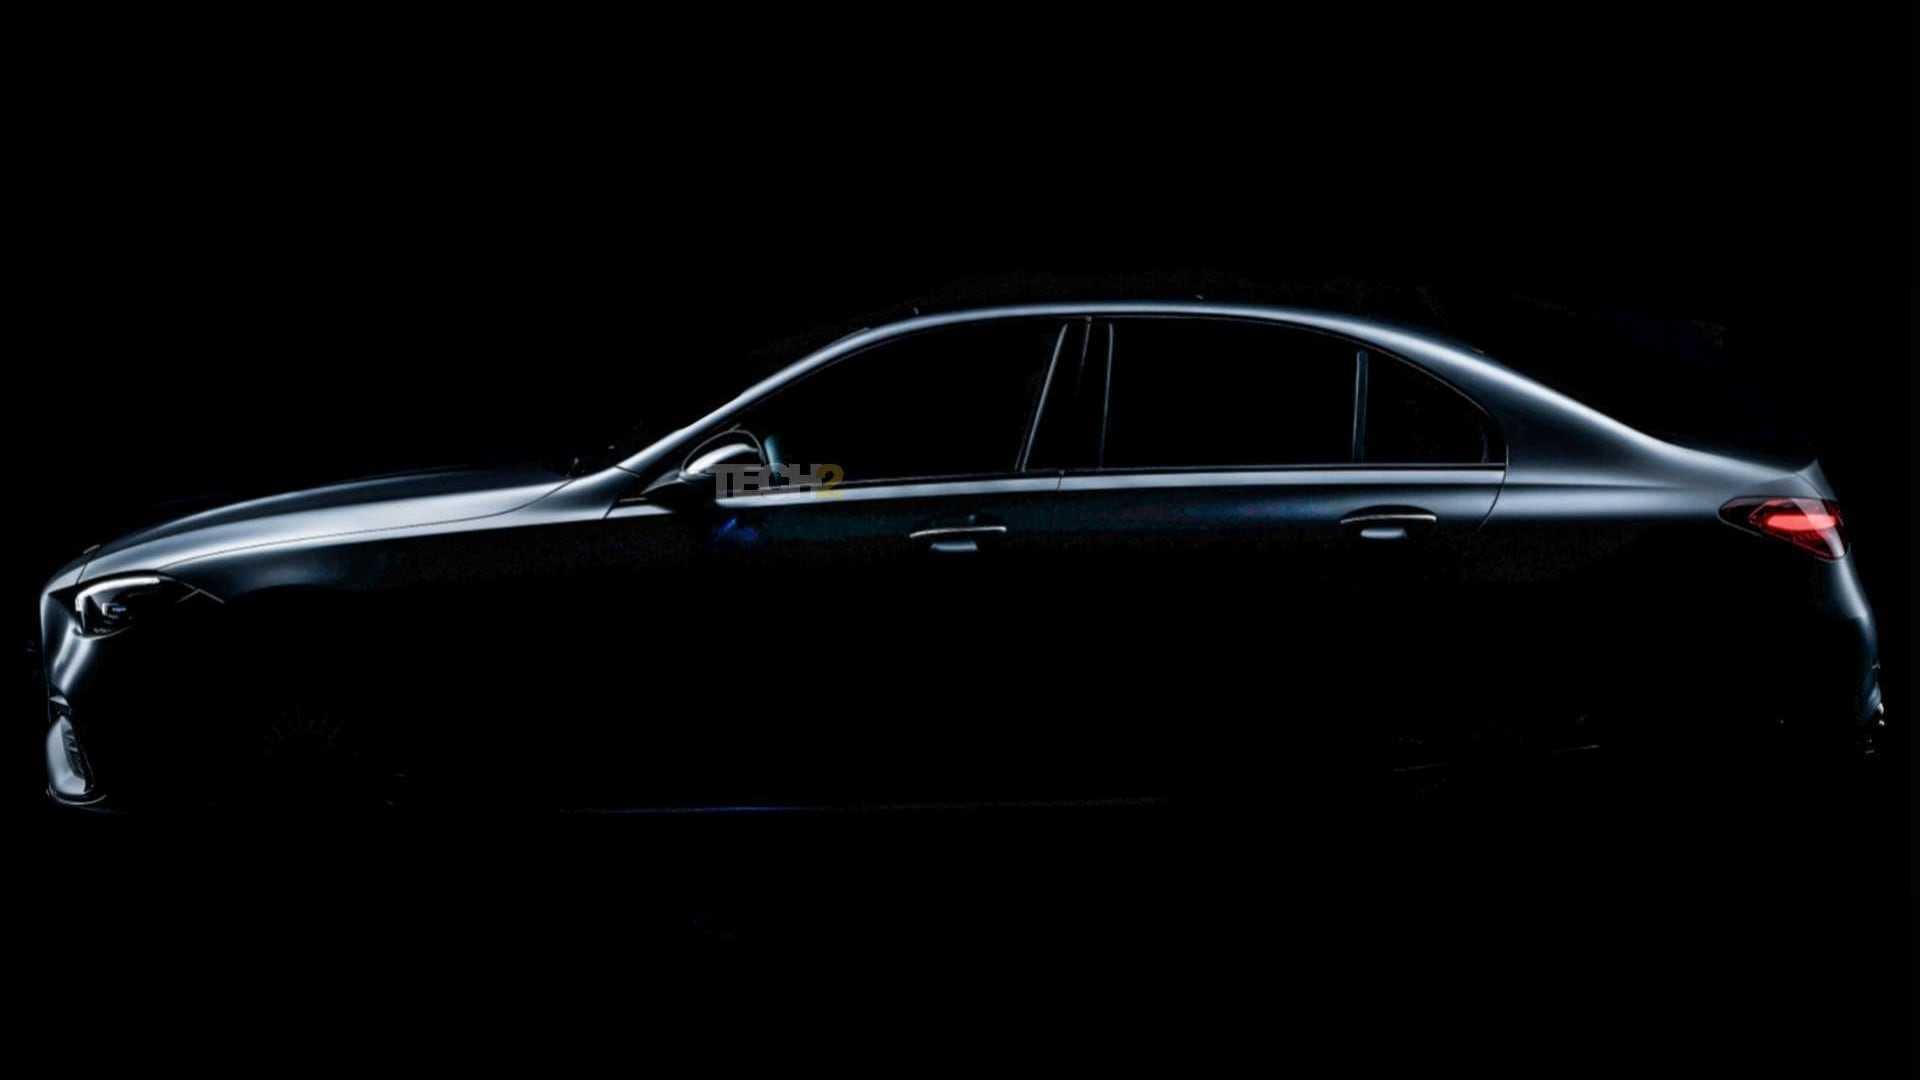 La Mercedes-Benz Classe C de cinquième génération fera ses débuts mondiaux le 23 février